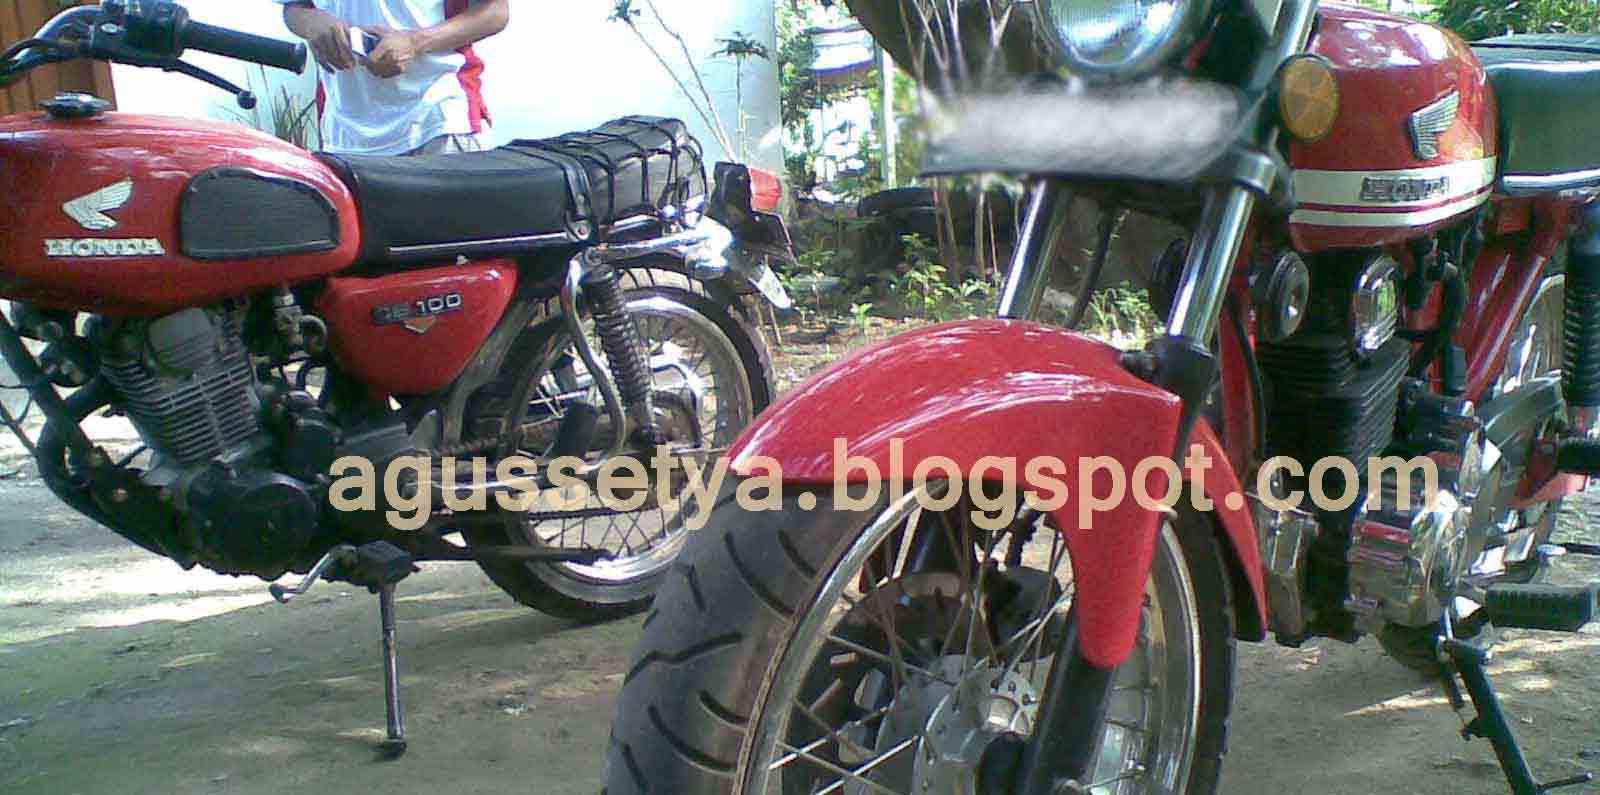 Download Modifikasi Motor Tiger Jadi Cb 100 Terupdate Velgy Motor